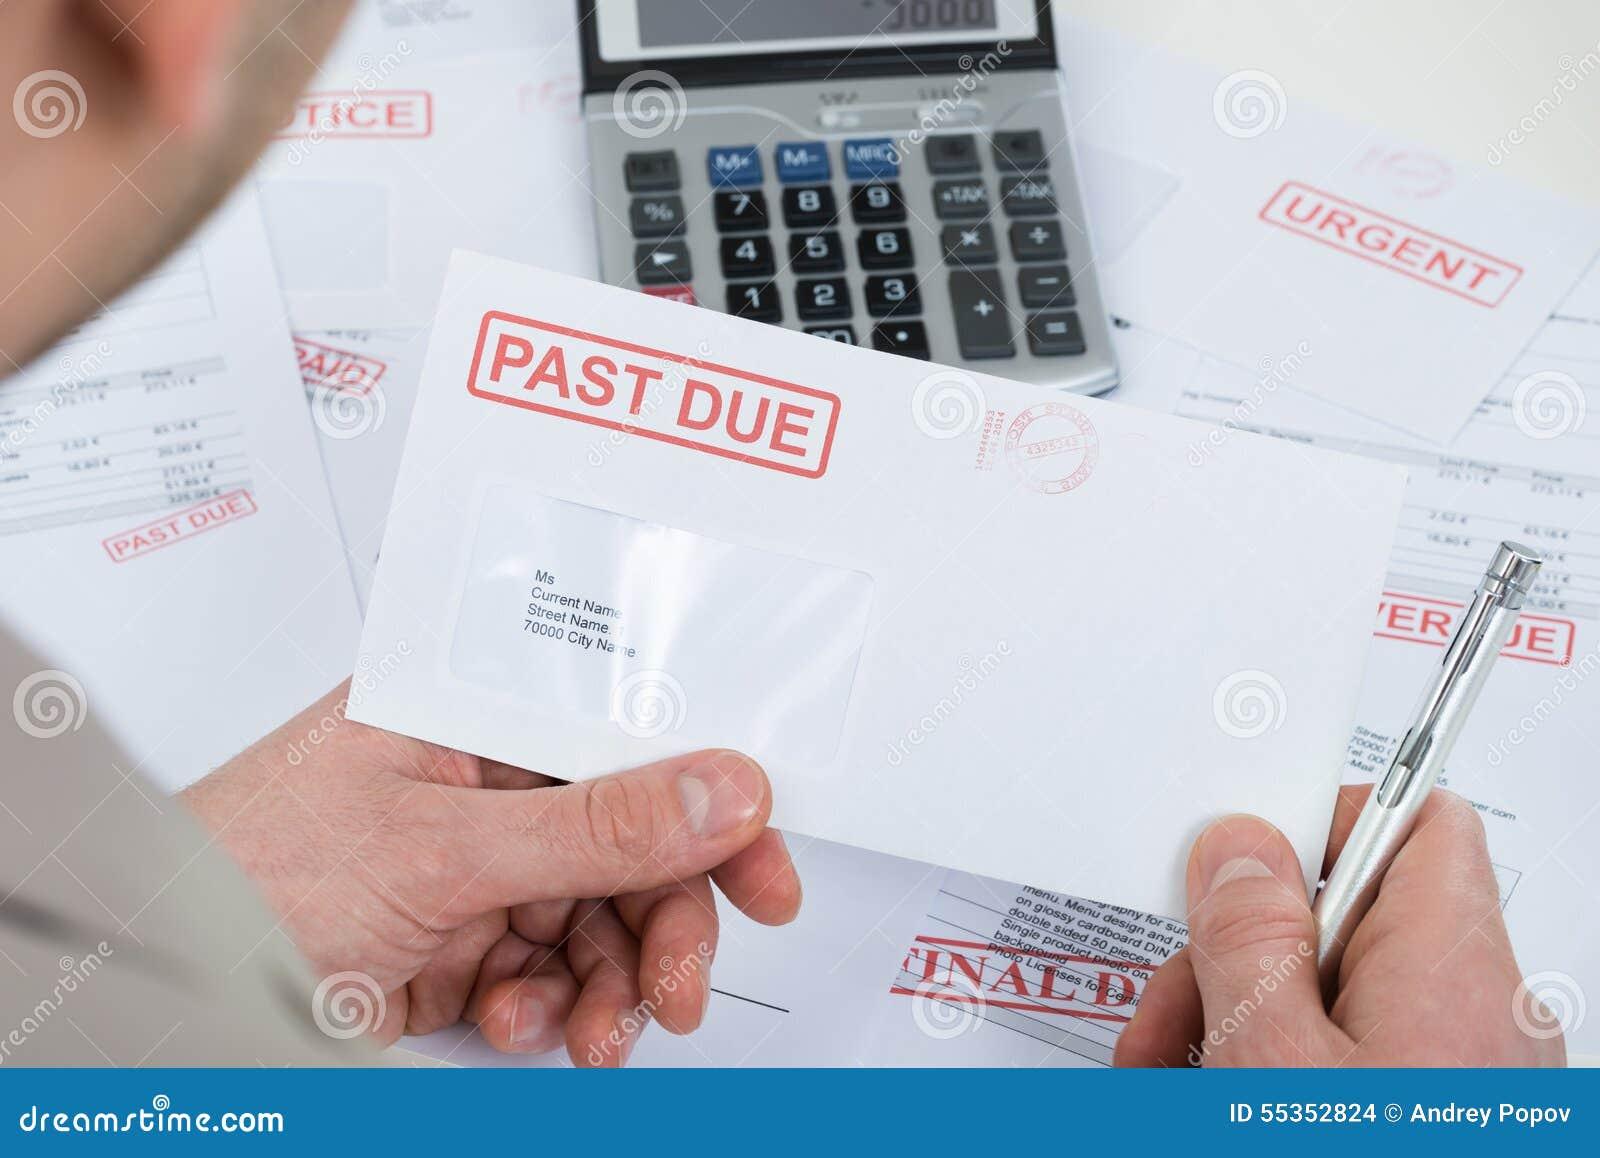 Mão do empresário com envelope passado-devido